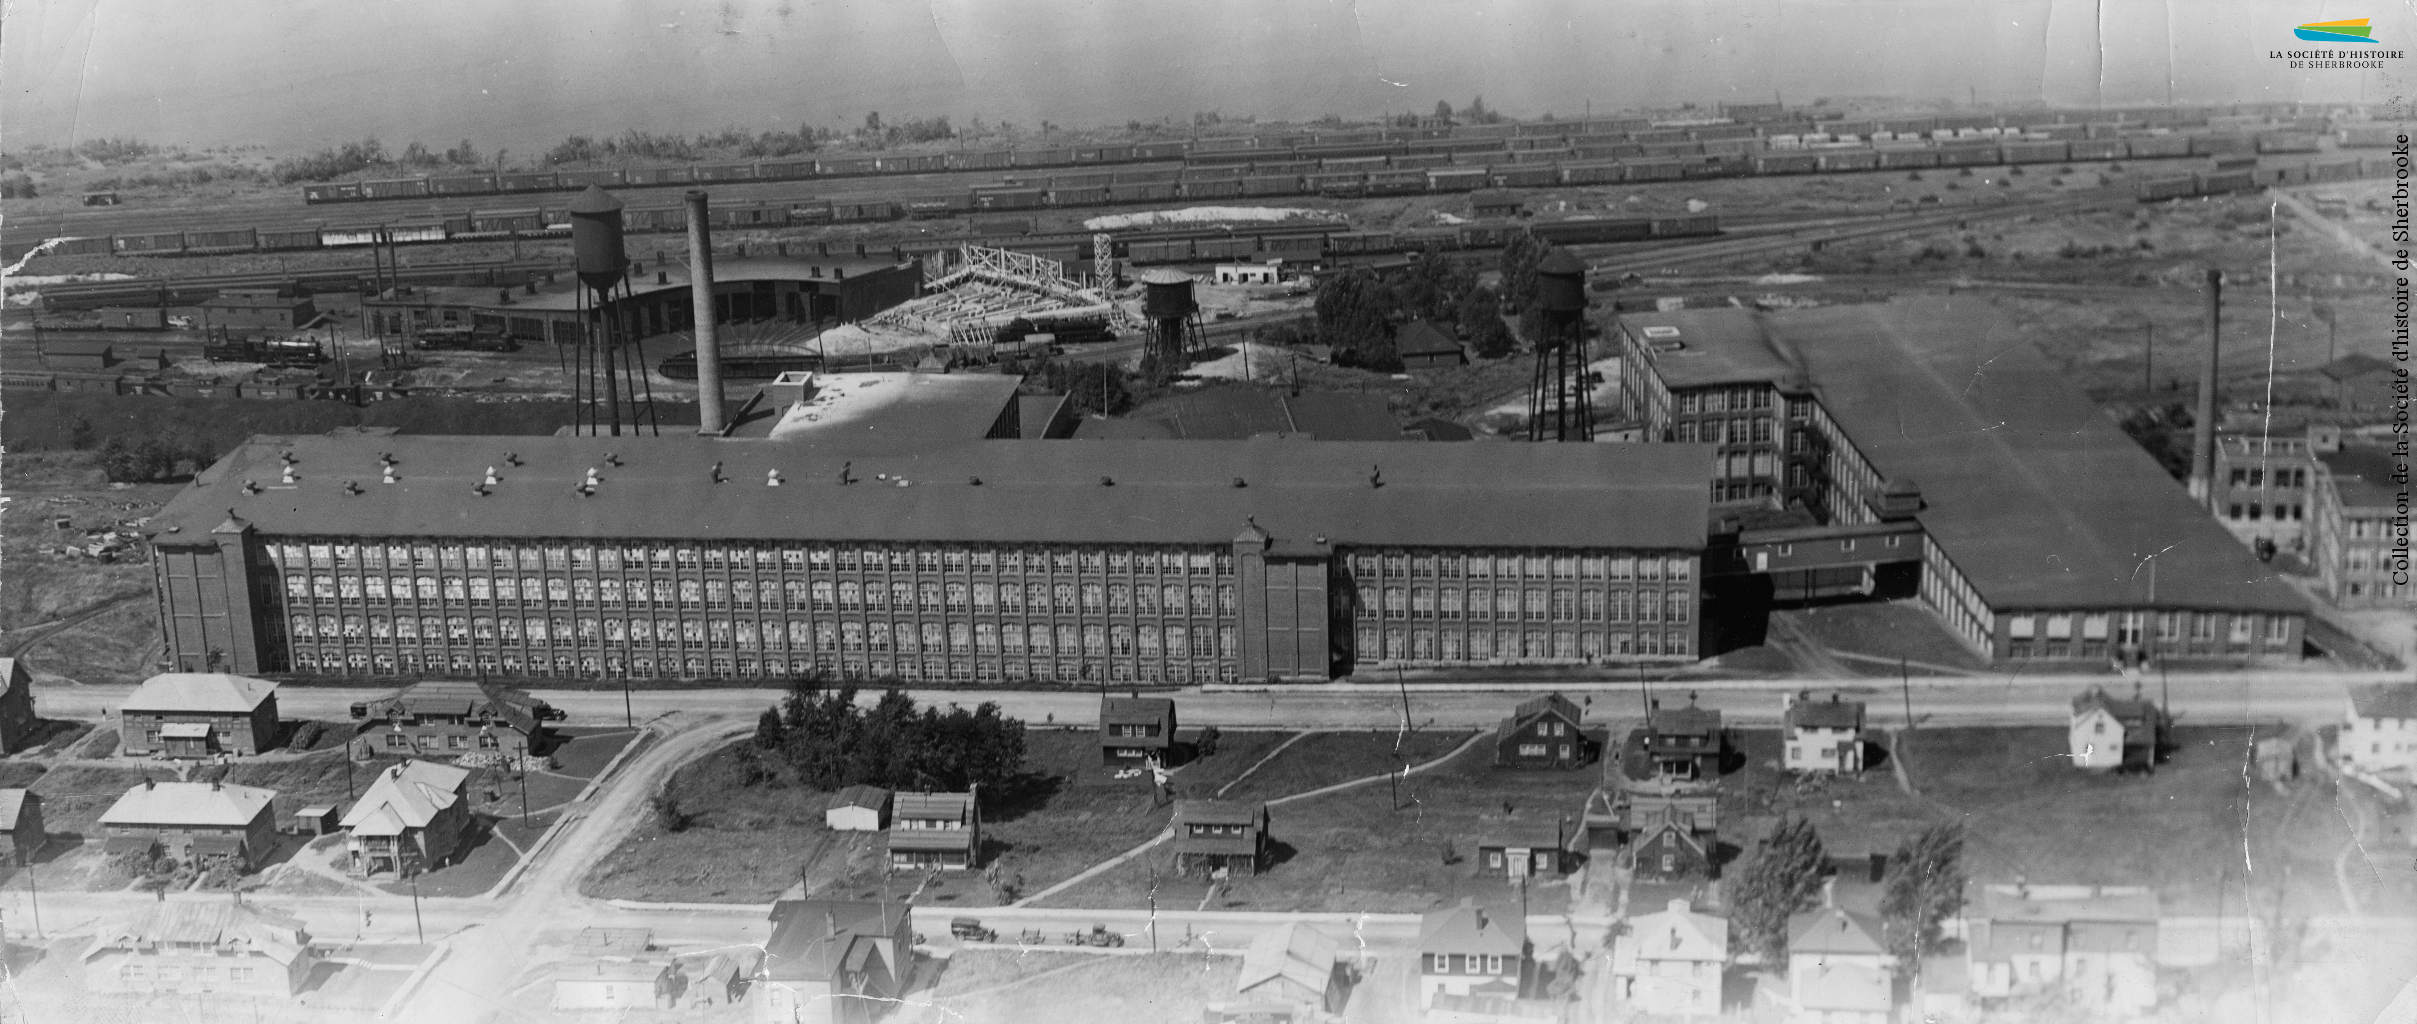 Le coton effectue un retour à Sherbrooke en 1918-1919, lorsque la compagnie <em>Canadian Connecticut Cotton Mills</em> y construit une usine, rue du Pacifique. Elle y fabrique des toiles de pneu en coton. L'usine est rachetée en 1928 par la <em>Dominion Textile Co.</em> La compagnie est marquée par plusieurs grèves entre 1936 et 1938; l'attitude patronale envers ses employés engendre d'ailleurs le déclenchement d'une Commission royale d'enquête sur l'industrie du textile en 1936. Les usines de Sherbrooke ferment progressivement entre 1994 et 2002. Photo : L'usine de la <em>Dominion Textile</em>, installée entre la voie ferrée et le quartier ouvrier (1937).